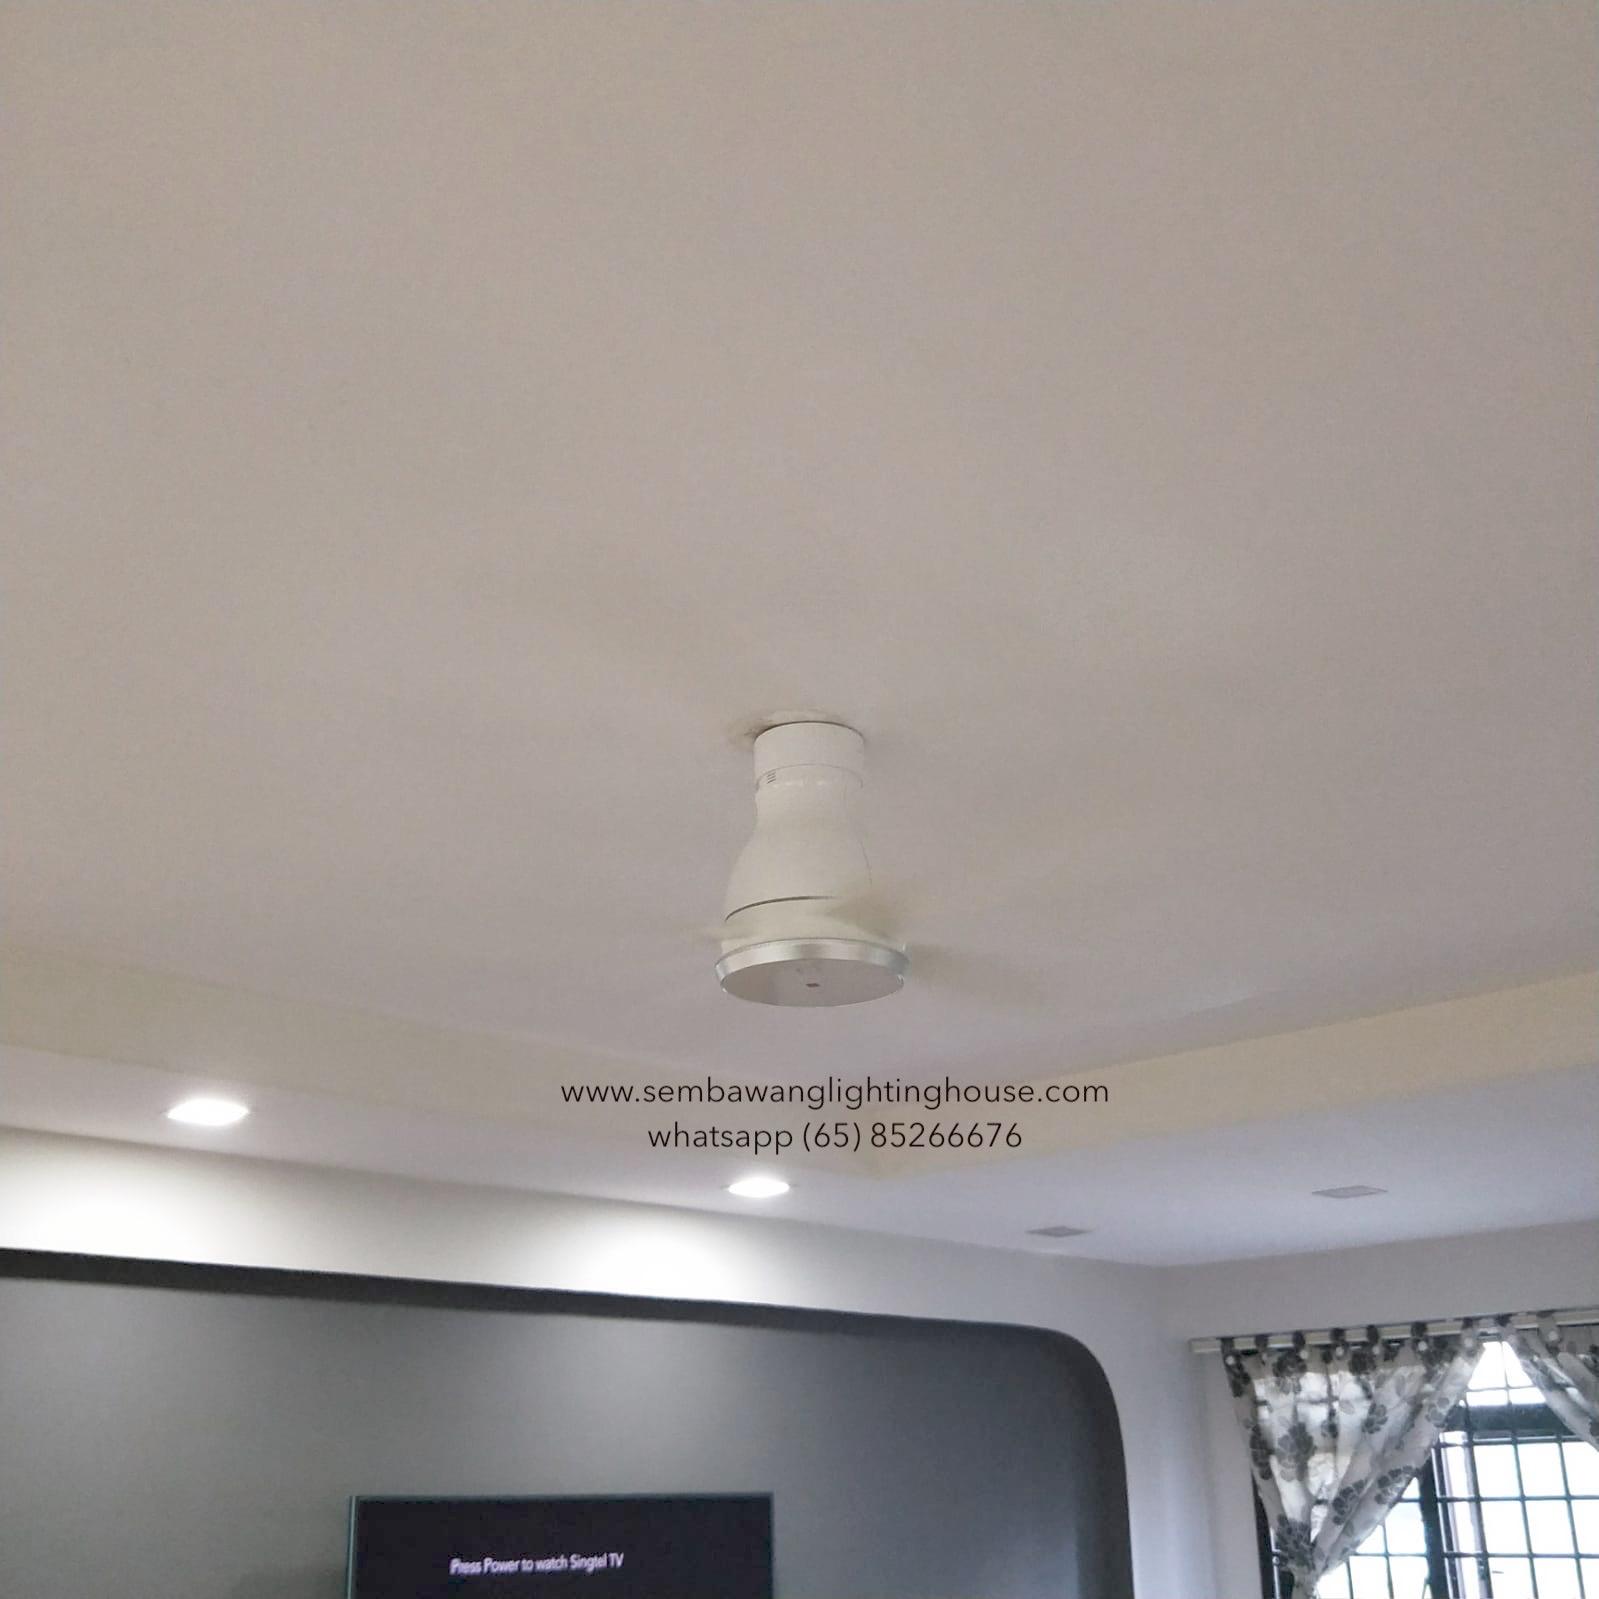 kdk-w56wv-white-ceiling-fan-sembawang-lighting-house-sample-08.jpg